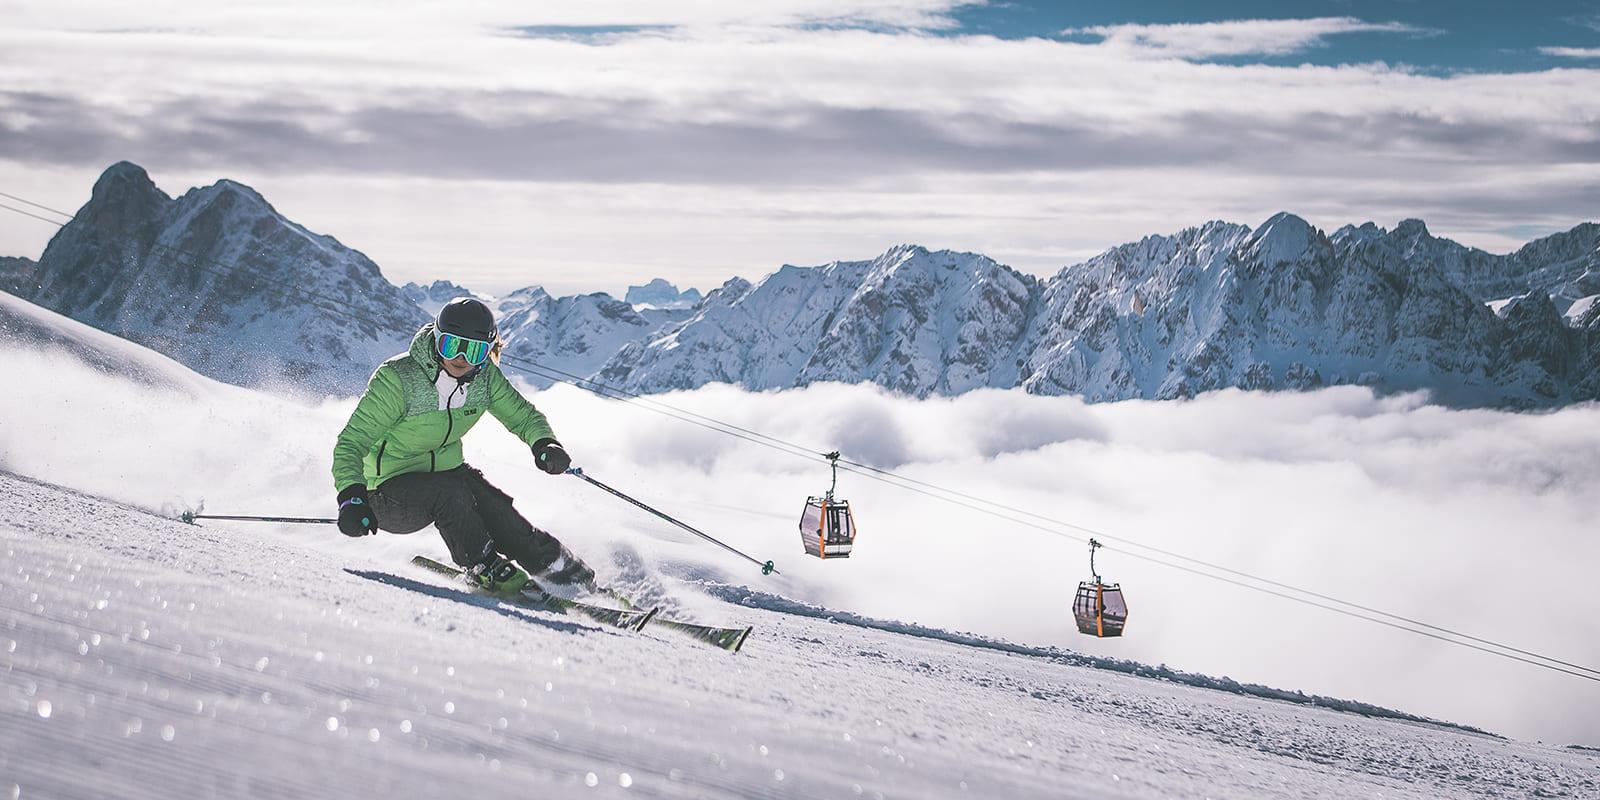 GERHARTS - Skifahren auf der Plose im Winter